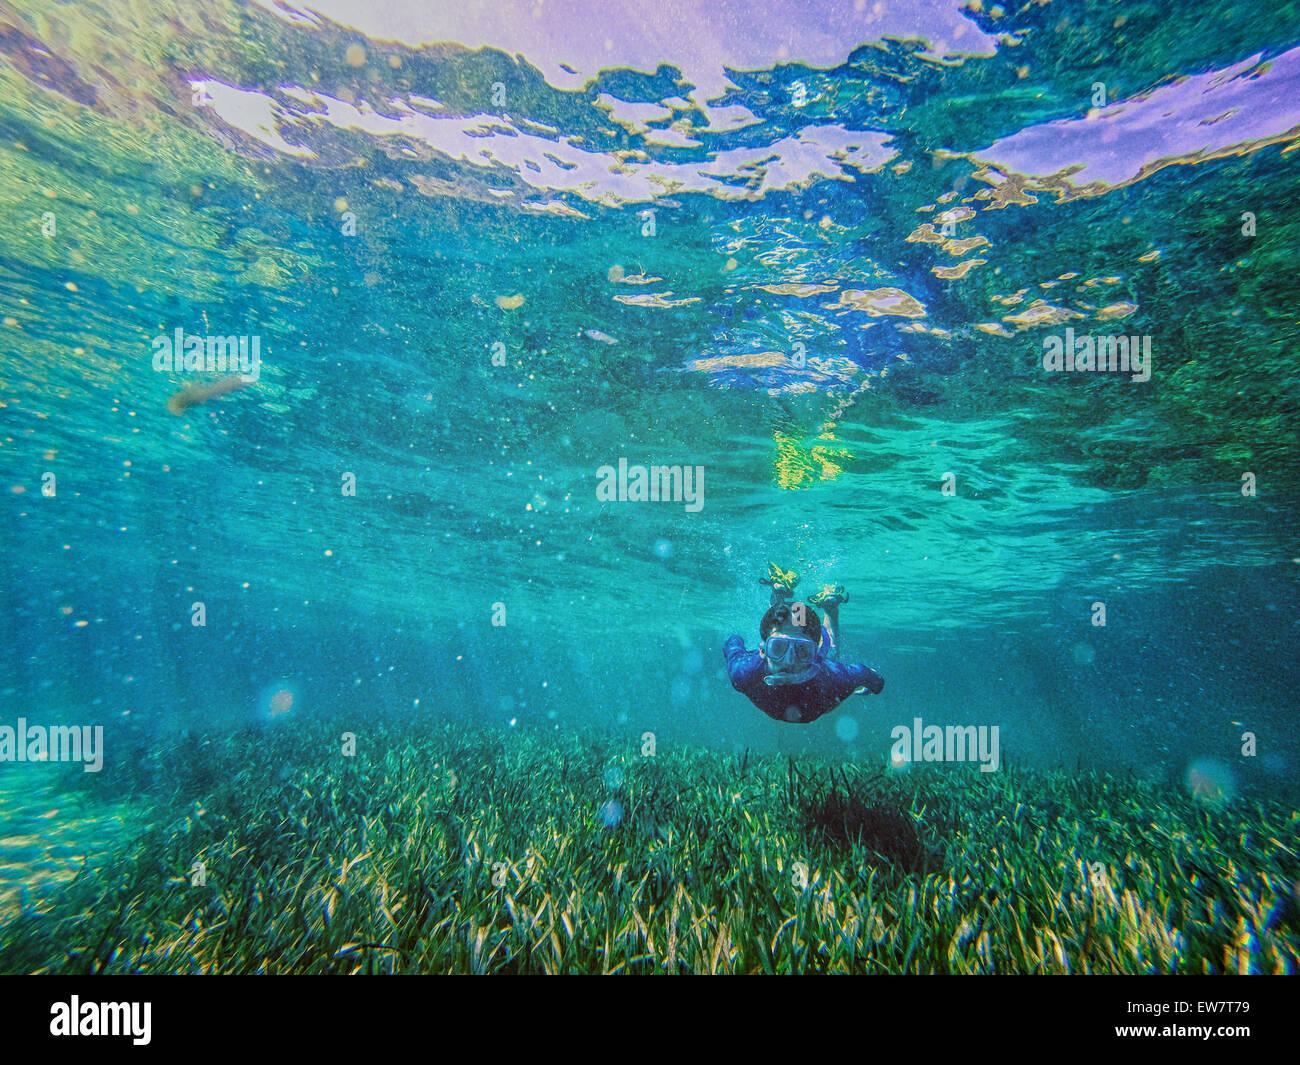 Ragazzo adolescente nuoto con snorkel subacquea, Rottnest, Australia Immagini Stock